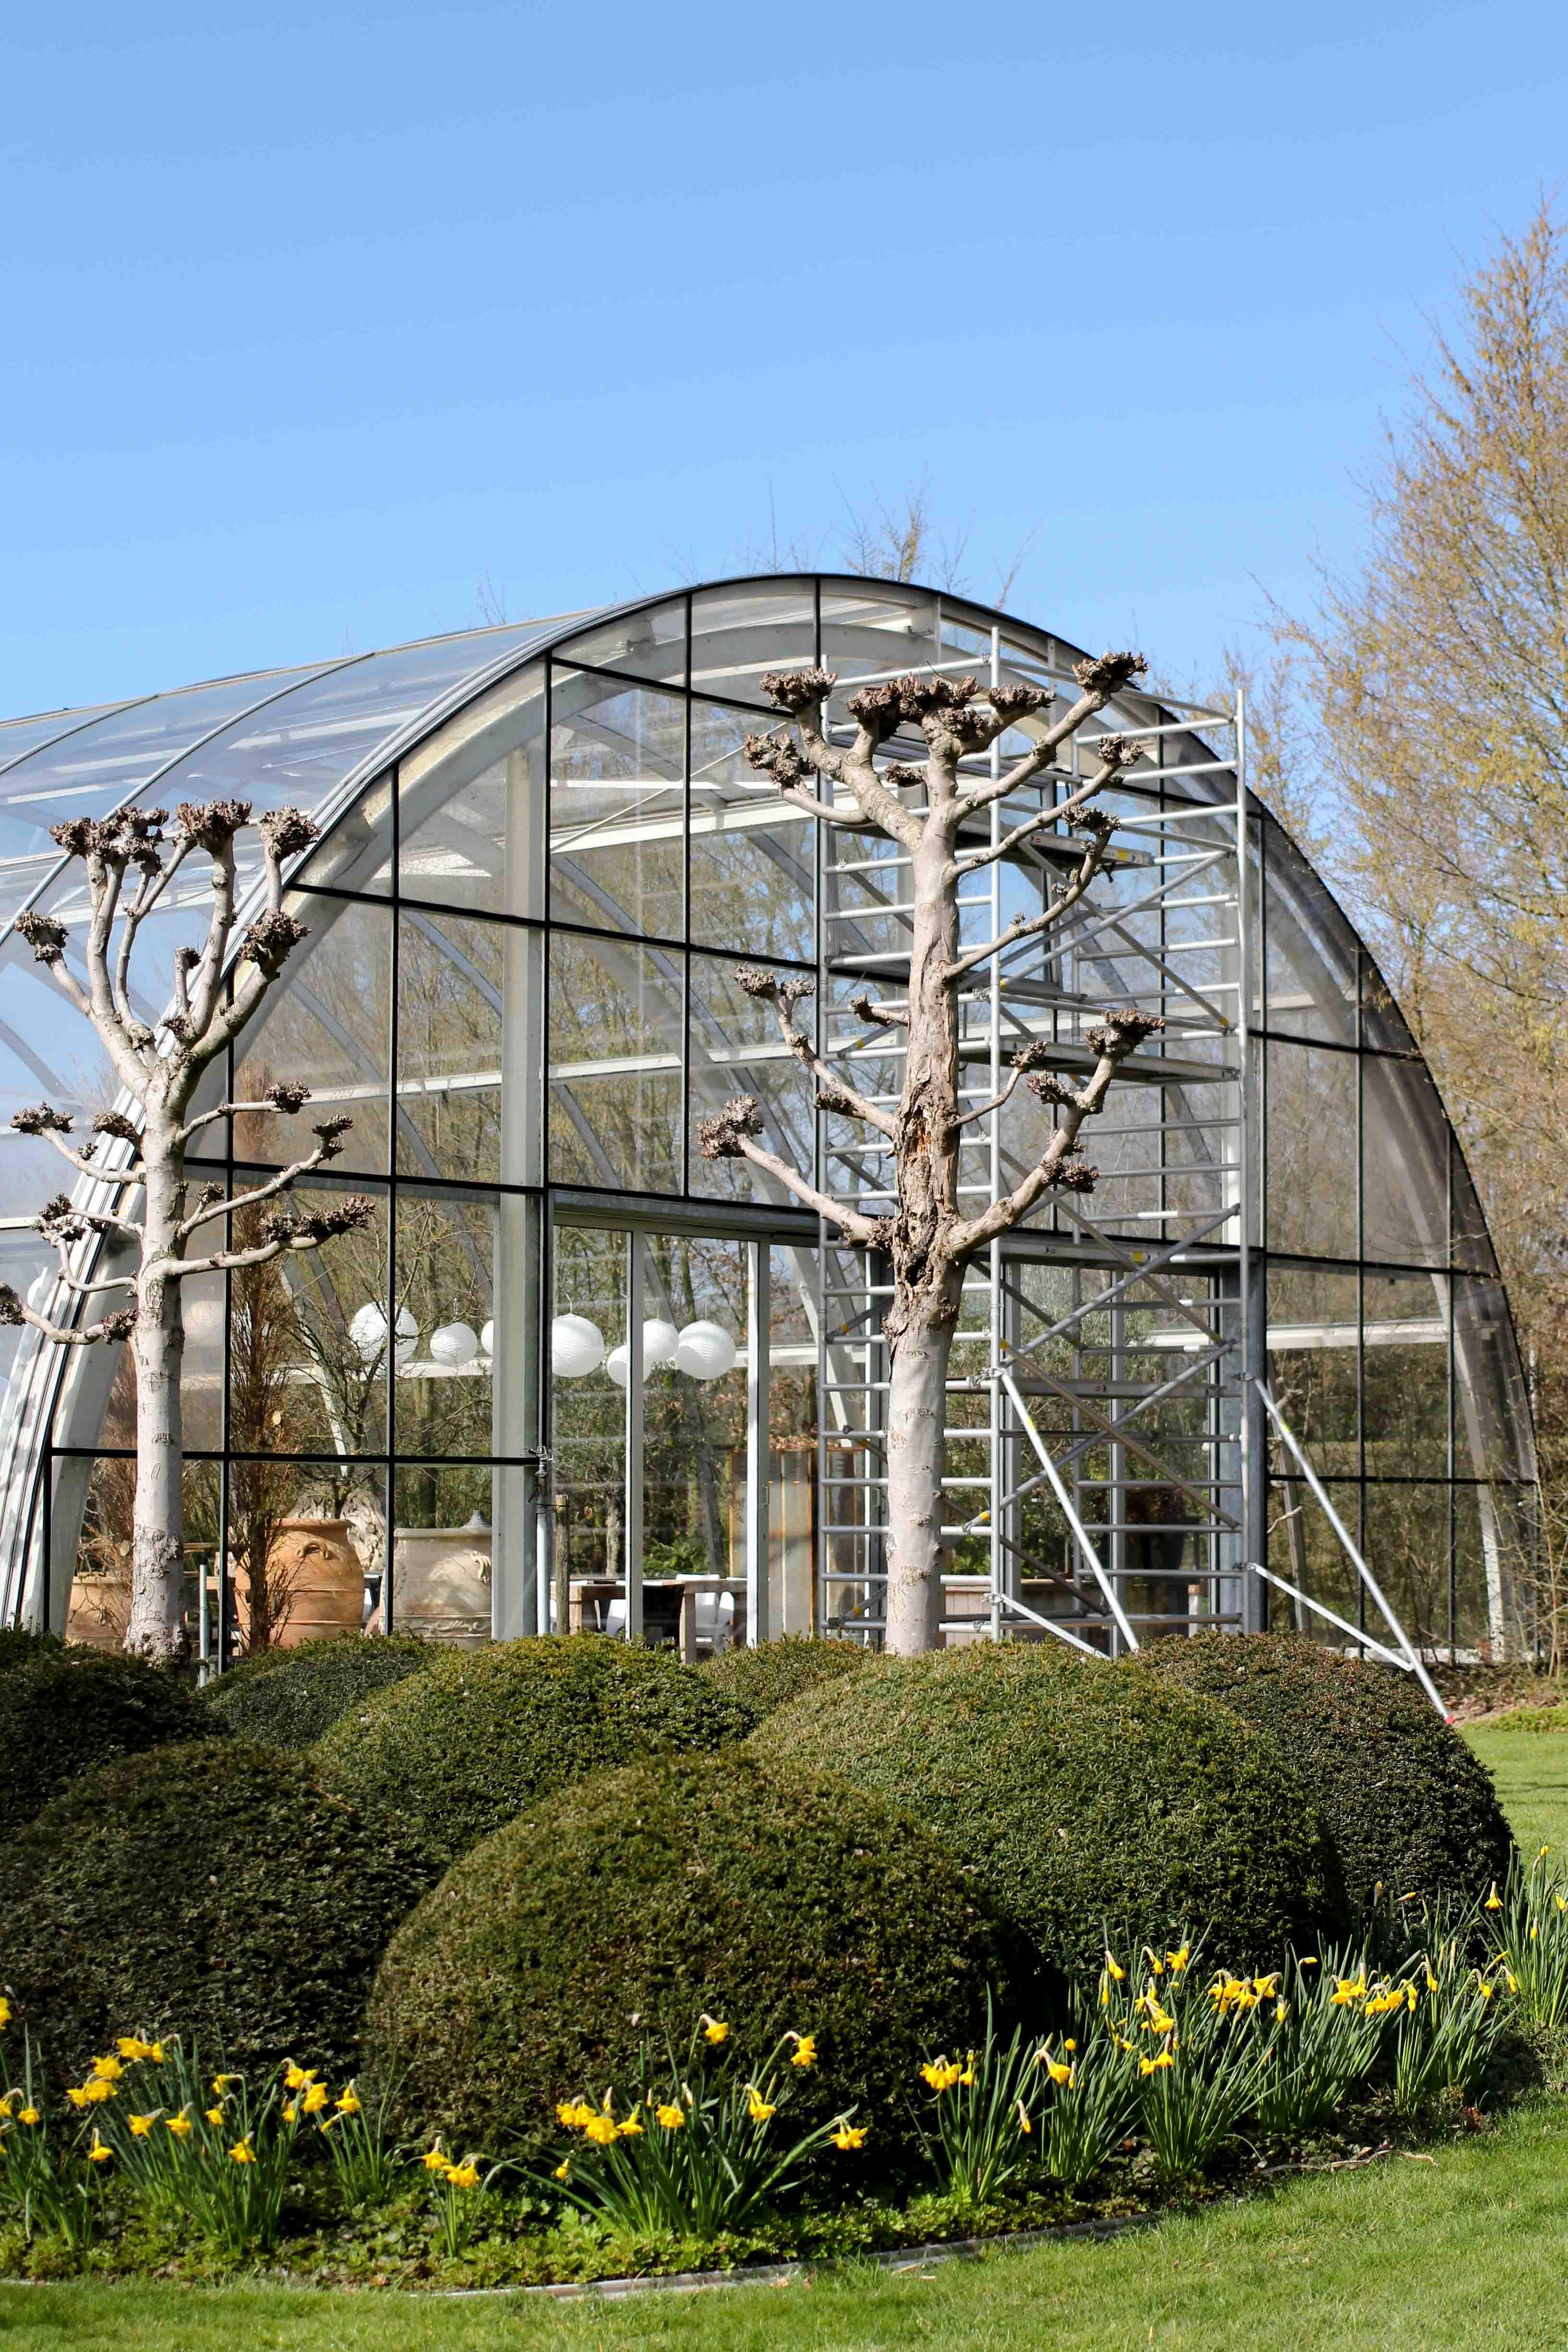 die Gärten von Appeltern Holland Wochenendtrip Tuinen van Appeltern das andere Holland Reiseblog Ausflug Deutschland 5